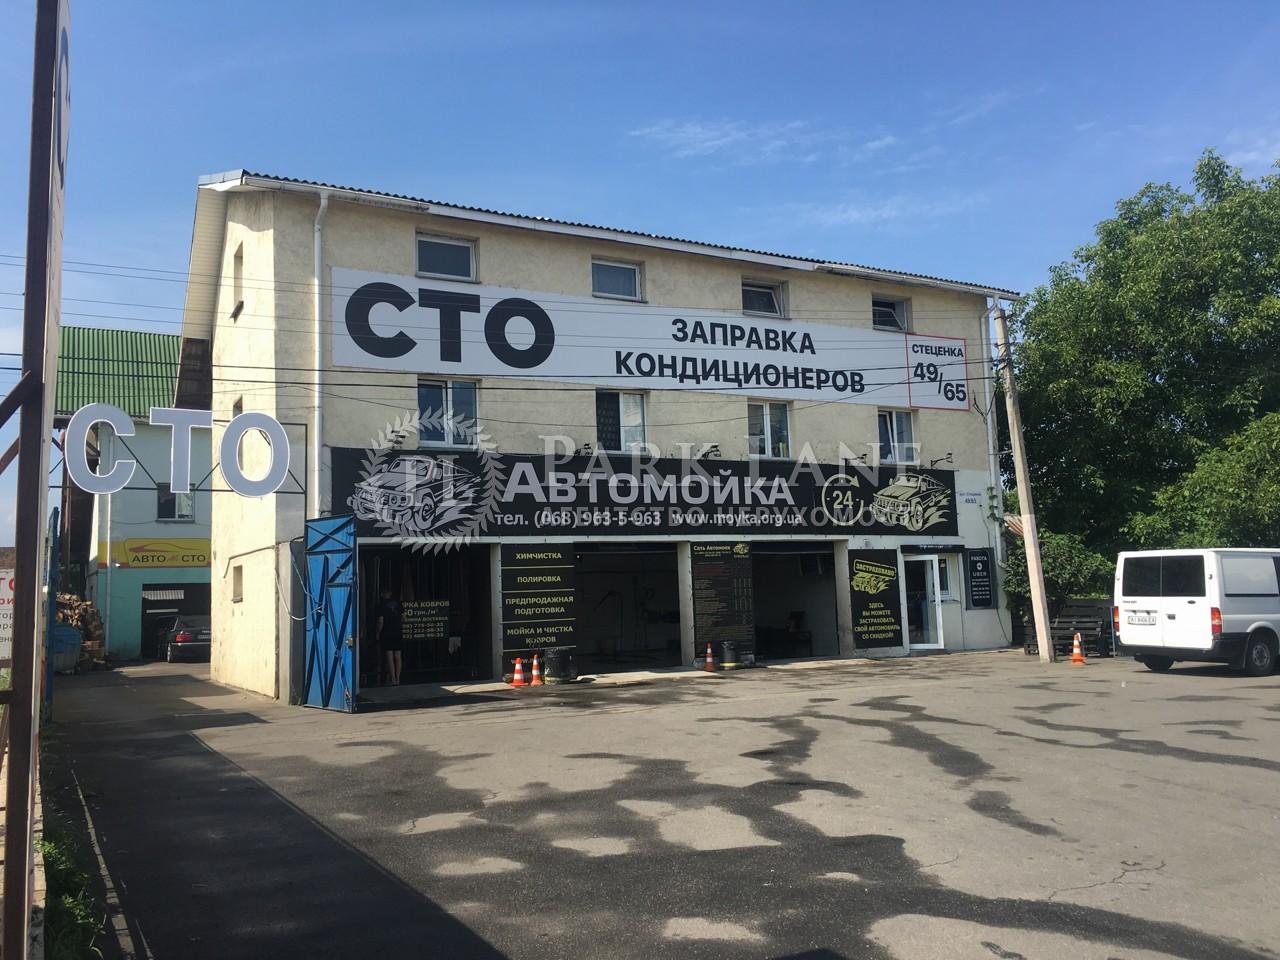 Имущественный комплекс, Стеценко, Киев, K-28056 - Фото 1